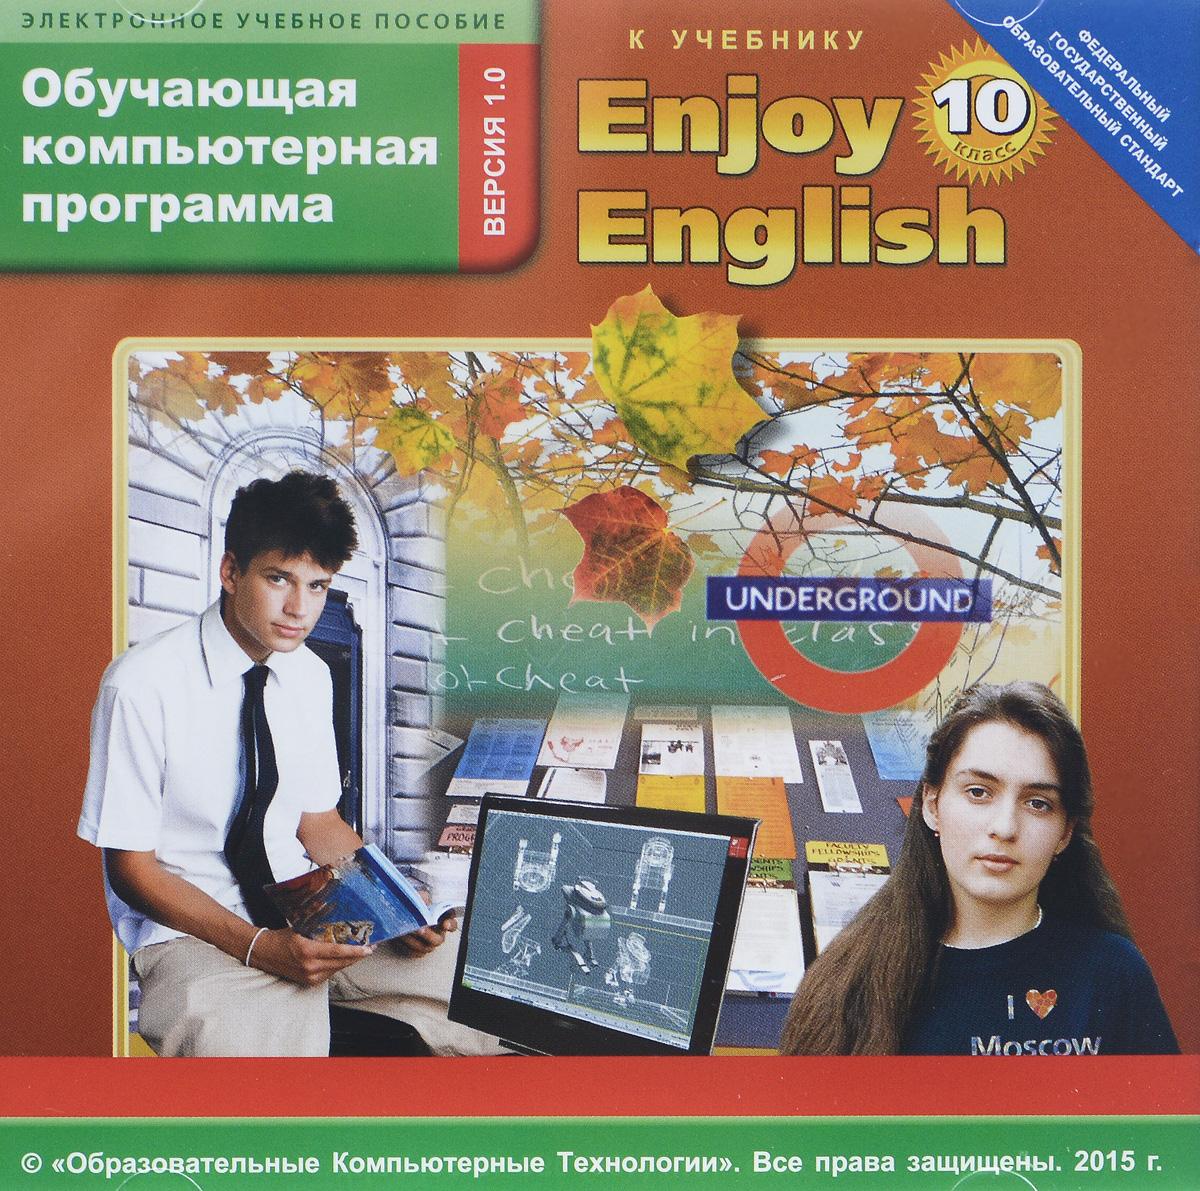 Enjoy English 10 / Английский с удовольствием. класс. Обучающая компьютерная программа